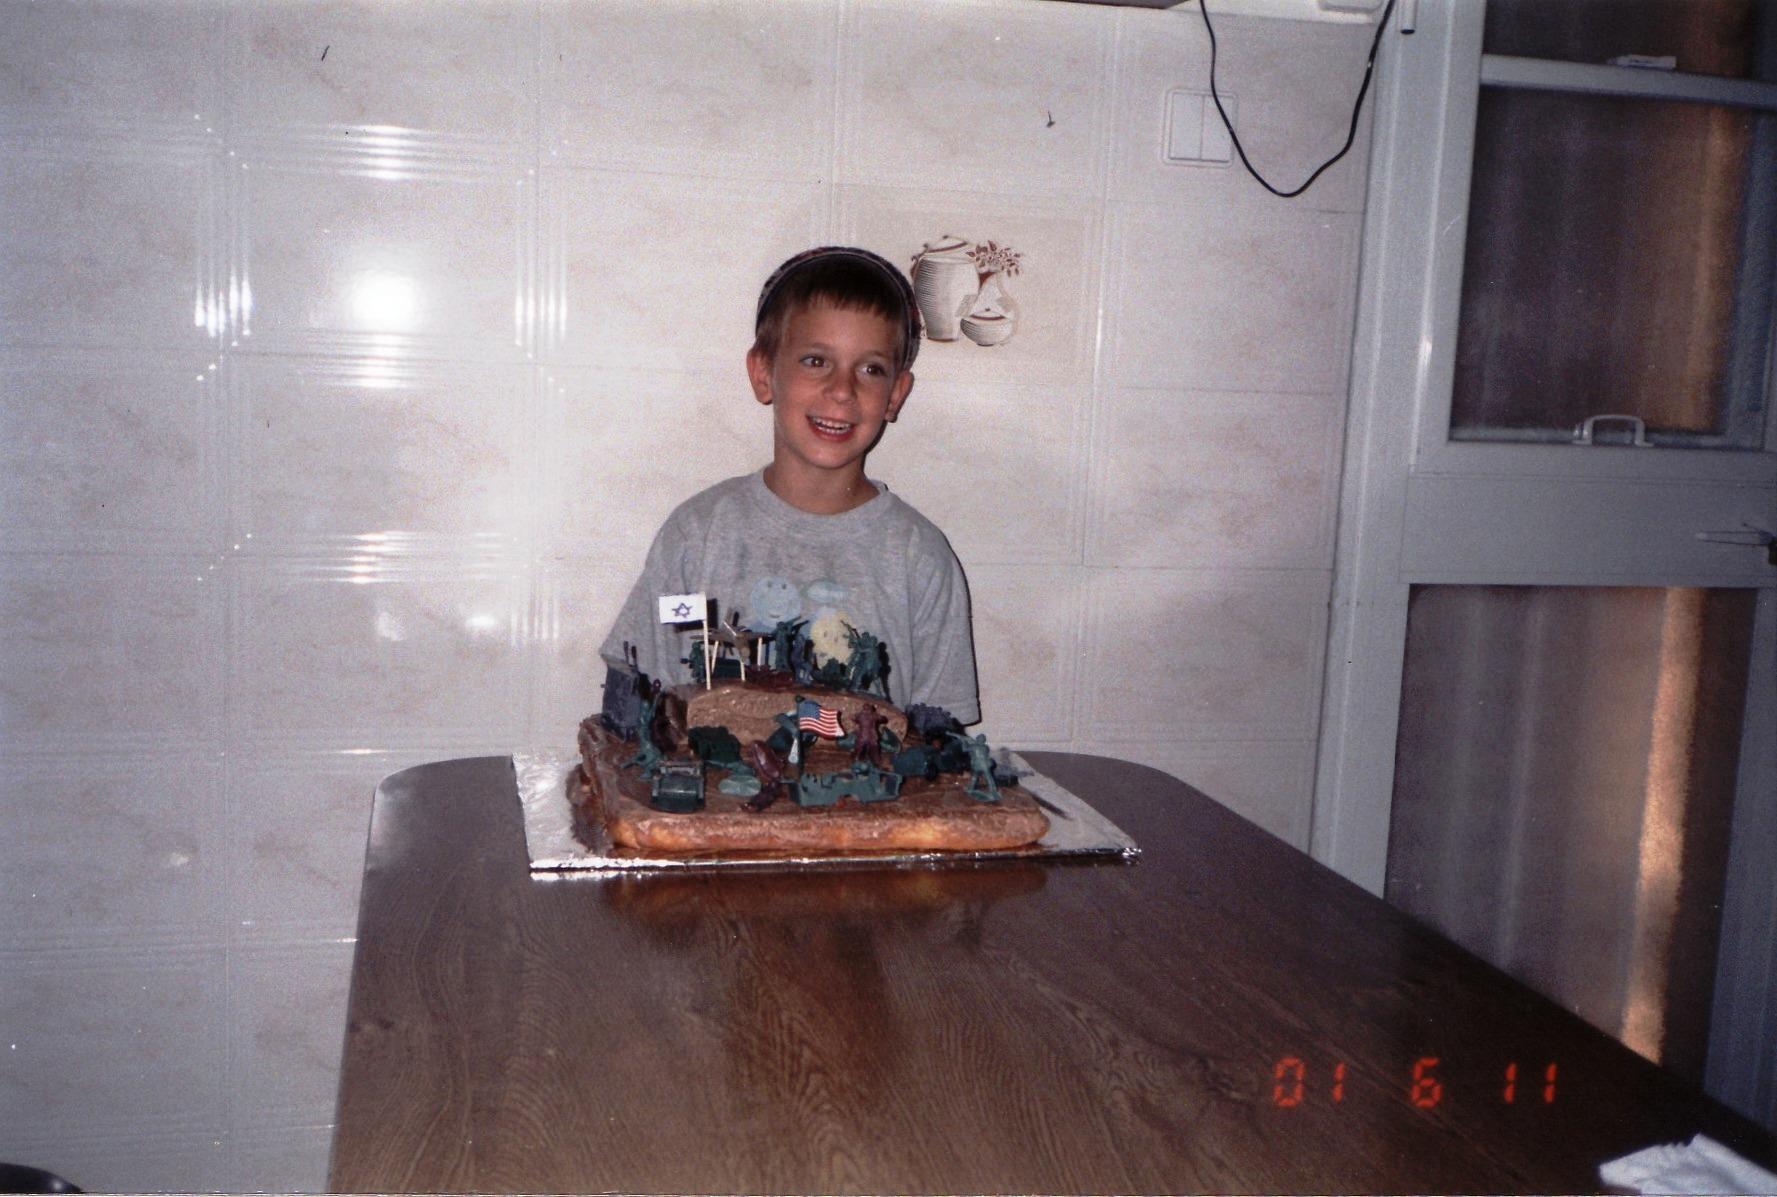 תמוז תשסא ישי עם עוגת יום ההולדת 6 שהוא עיצב